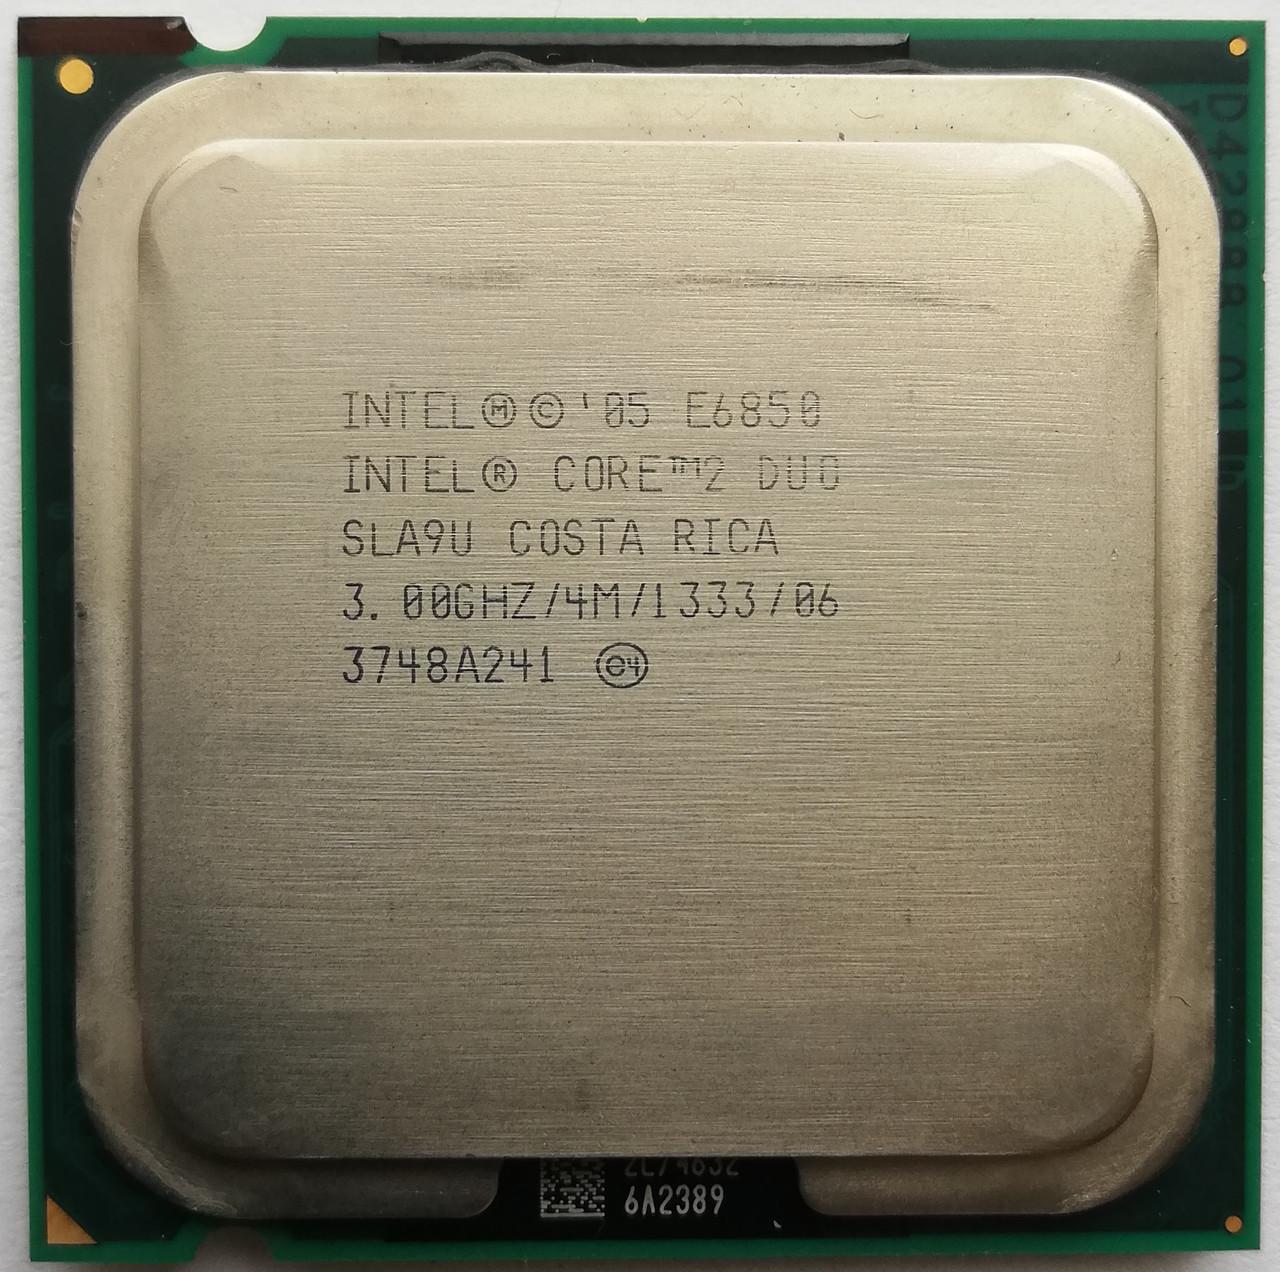 Процессор, Intel Core 2 Duo e6850, 2 ядра, 3.0 гГц